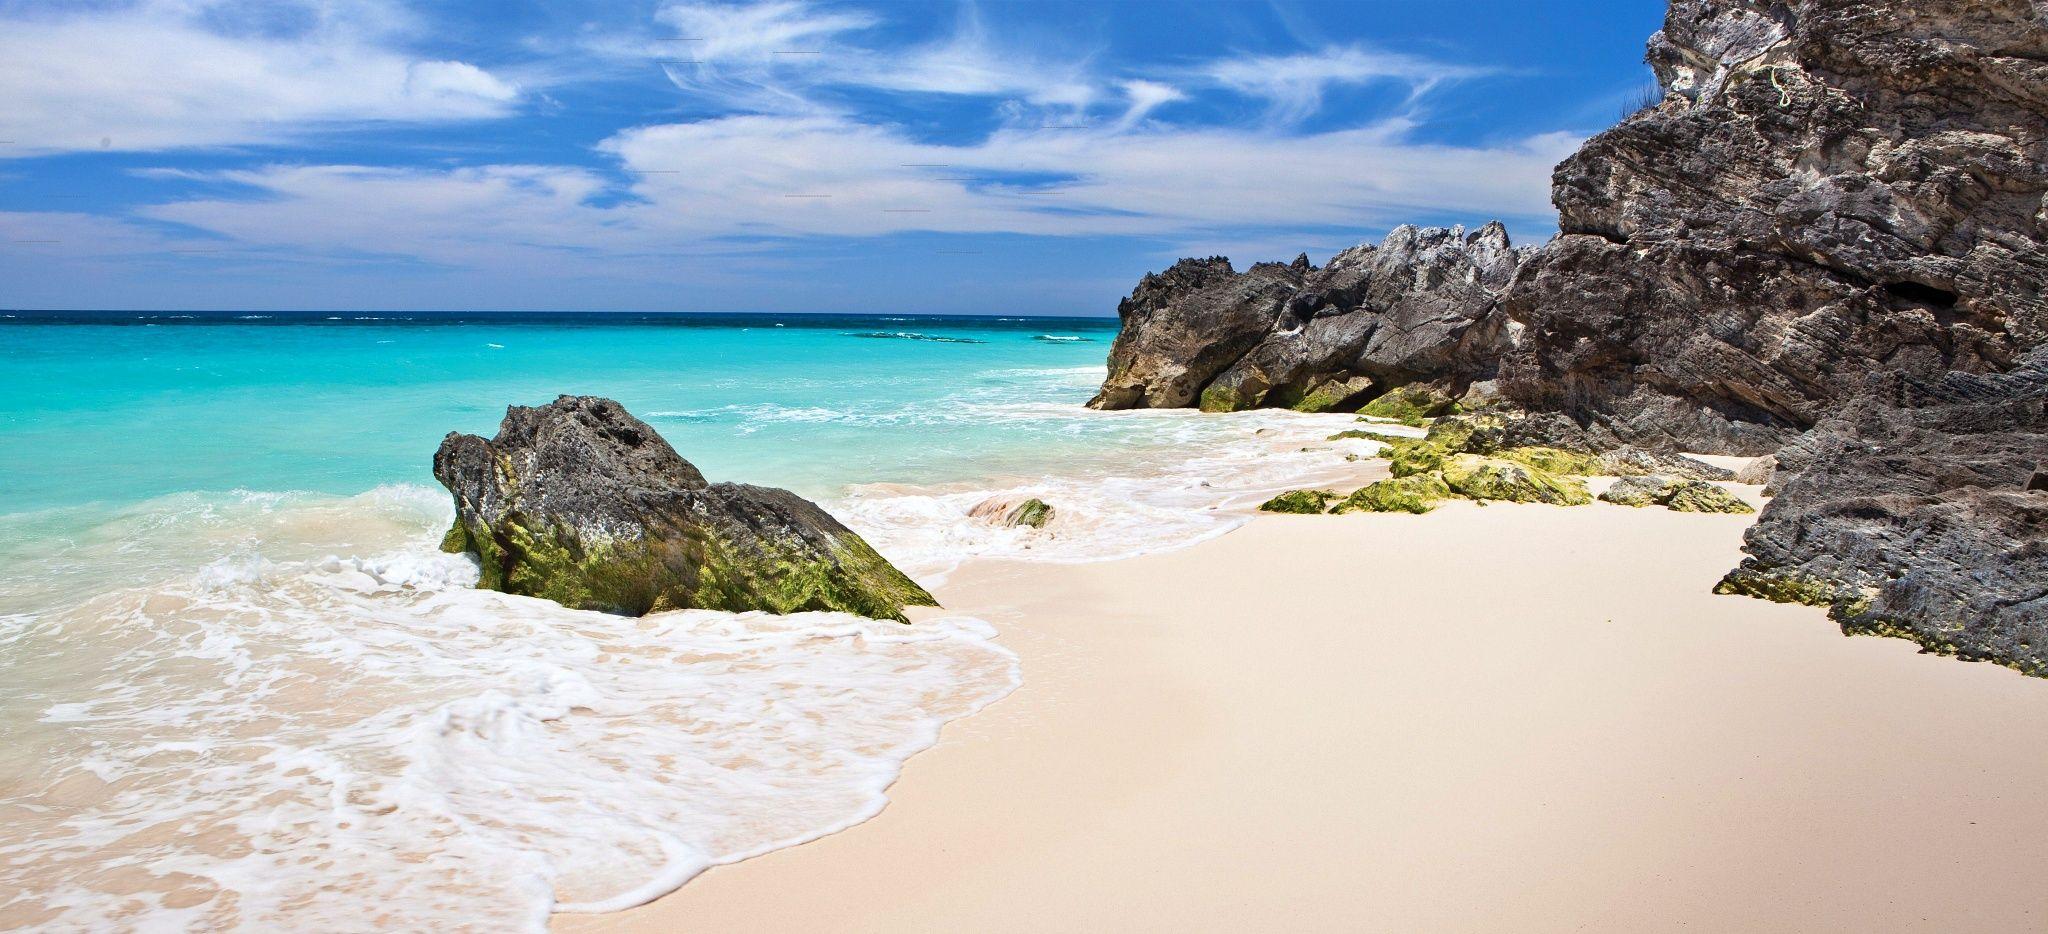 """Ein weißer Sandstrand mit großen Felsen vor dem Hotel """"Rosewood Tucker's Point"""" auf den Bermudas"""